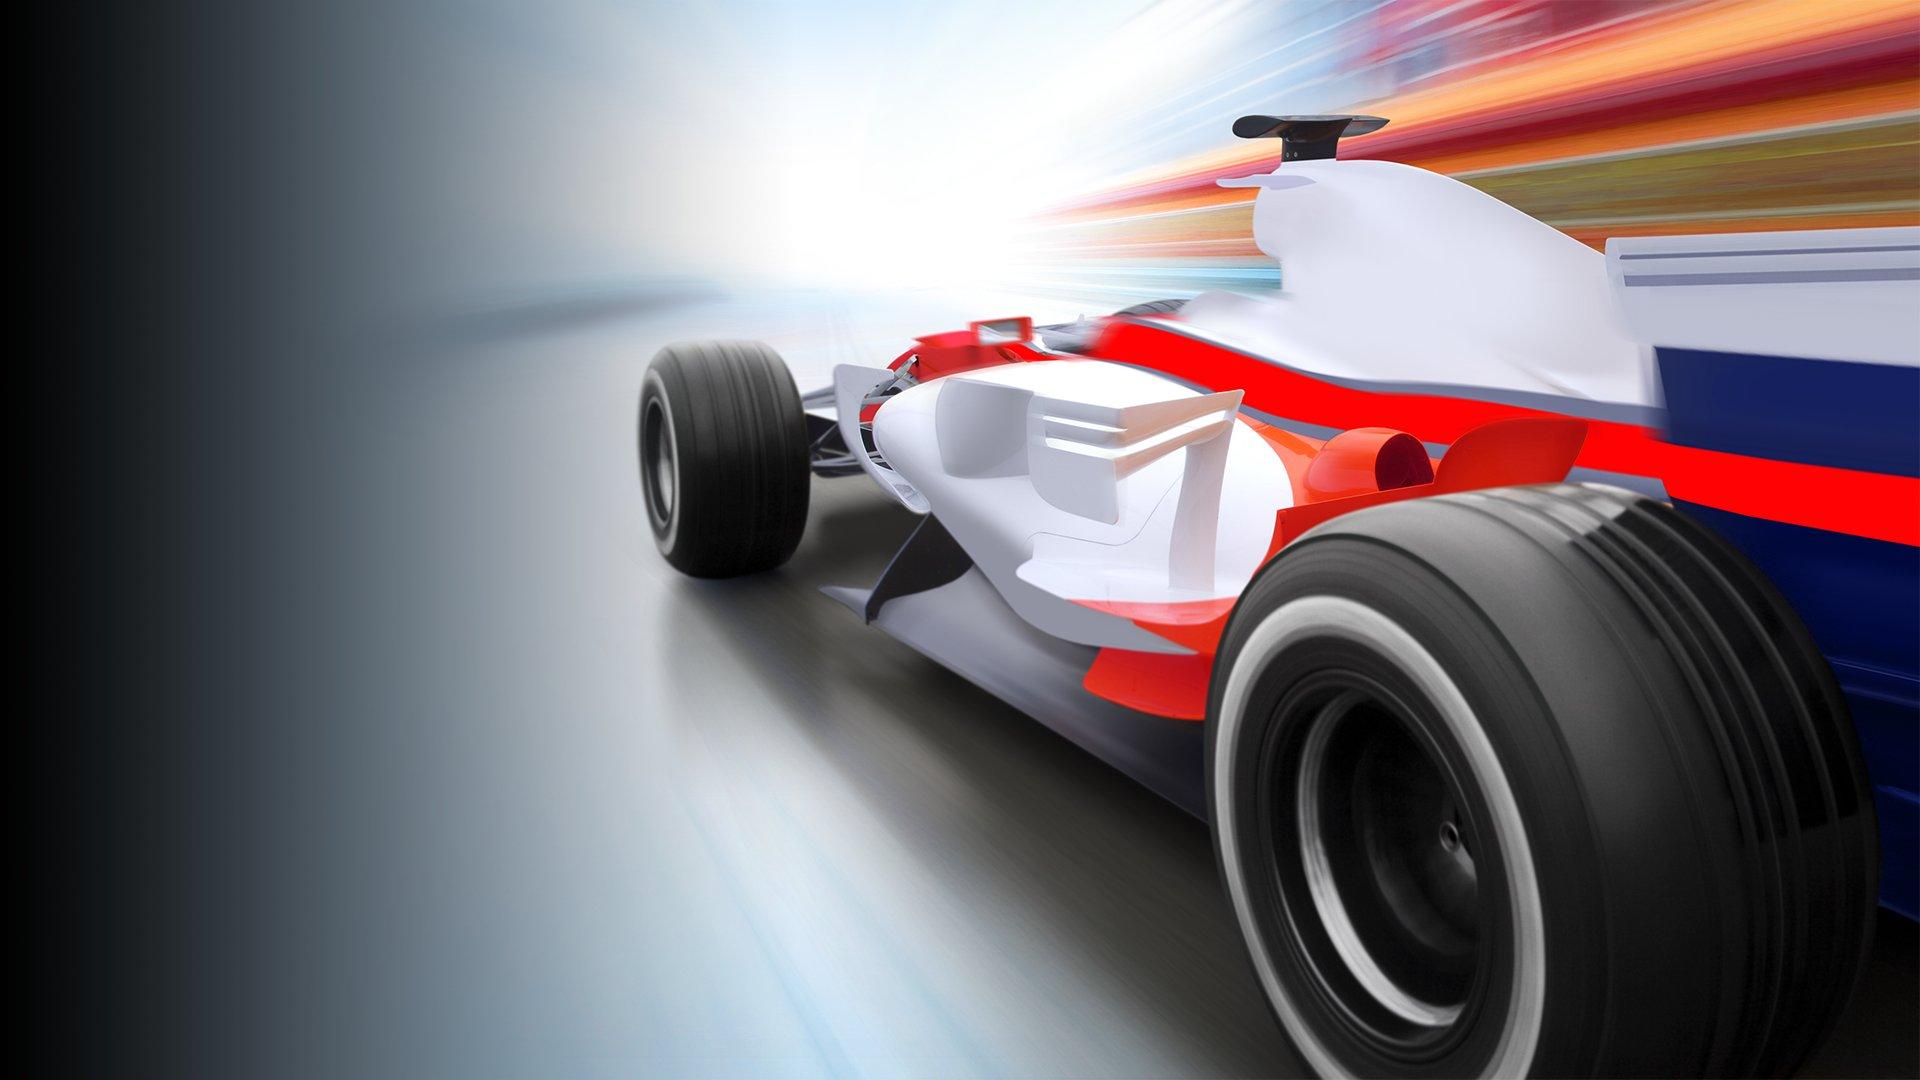 fond Grand Prix de Formule 1 - Monaco : Revivez la course de Charles Leclerc